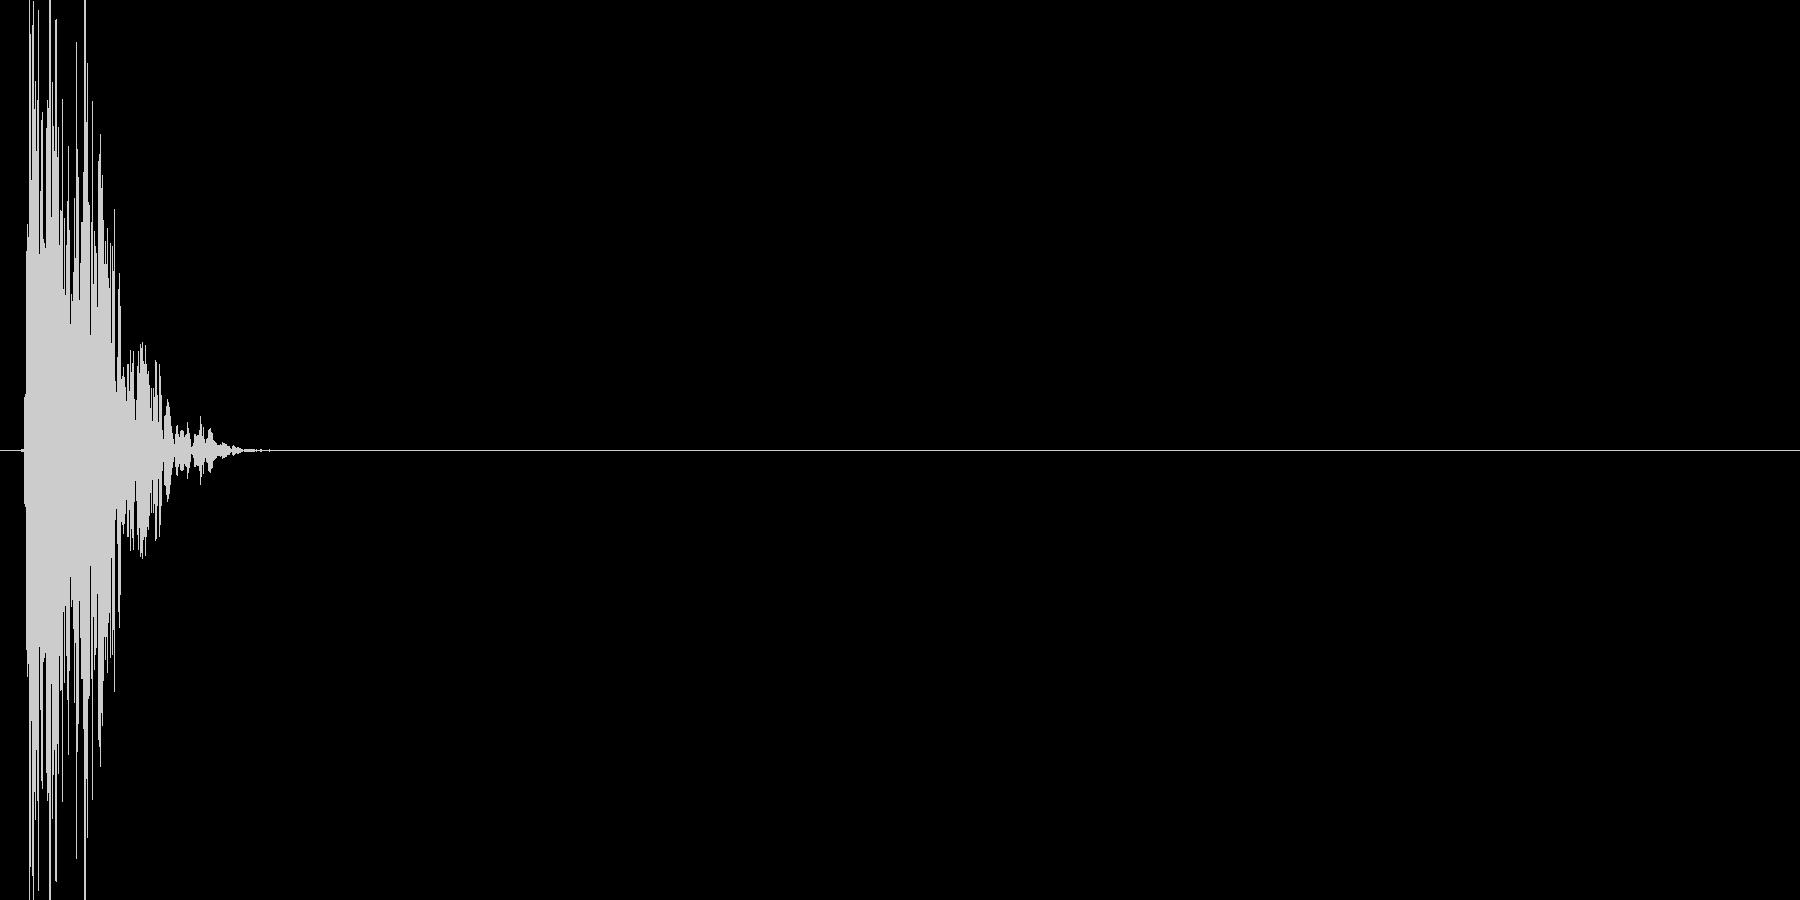 ドゴッ(打撃、殴る、ダメージ)の未再生の波形